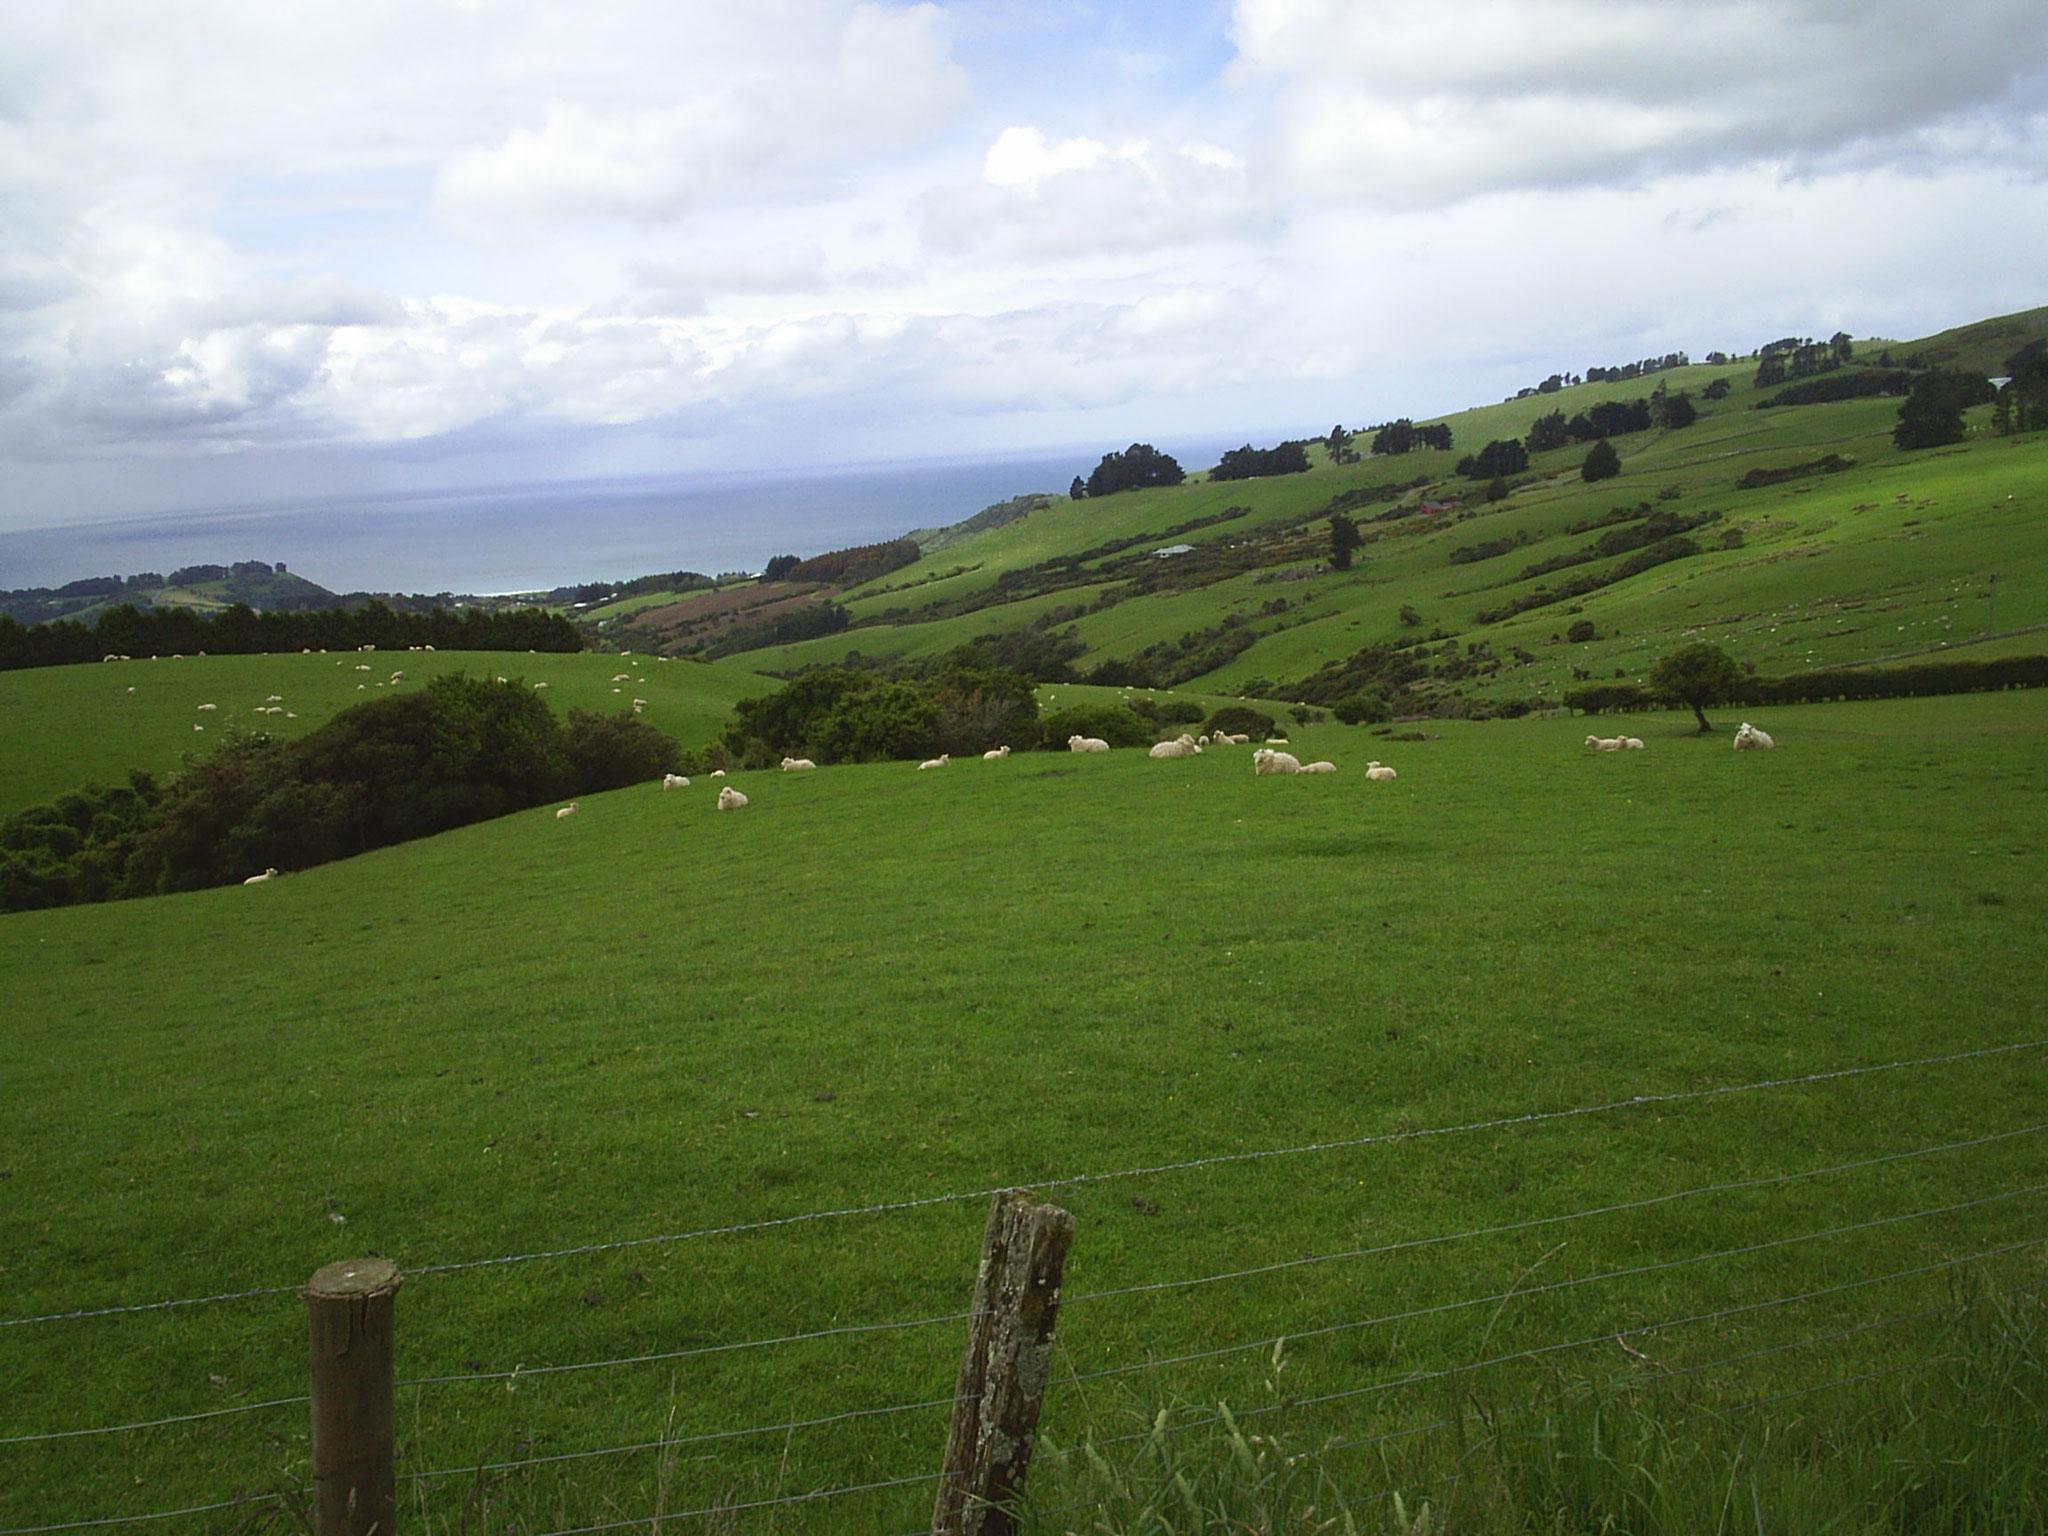 Neuseeland - Lena und Roman machen eine Tour mit dem Cabriolet